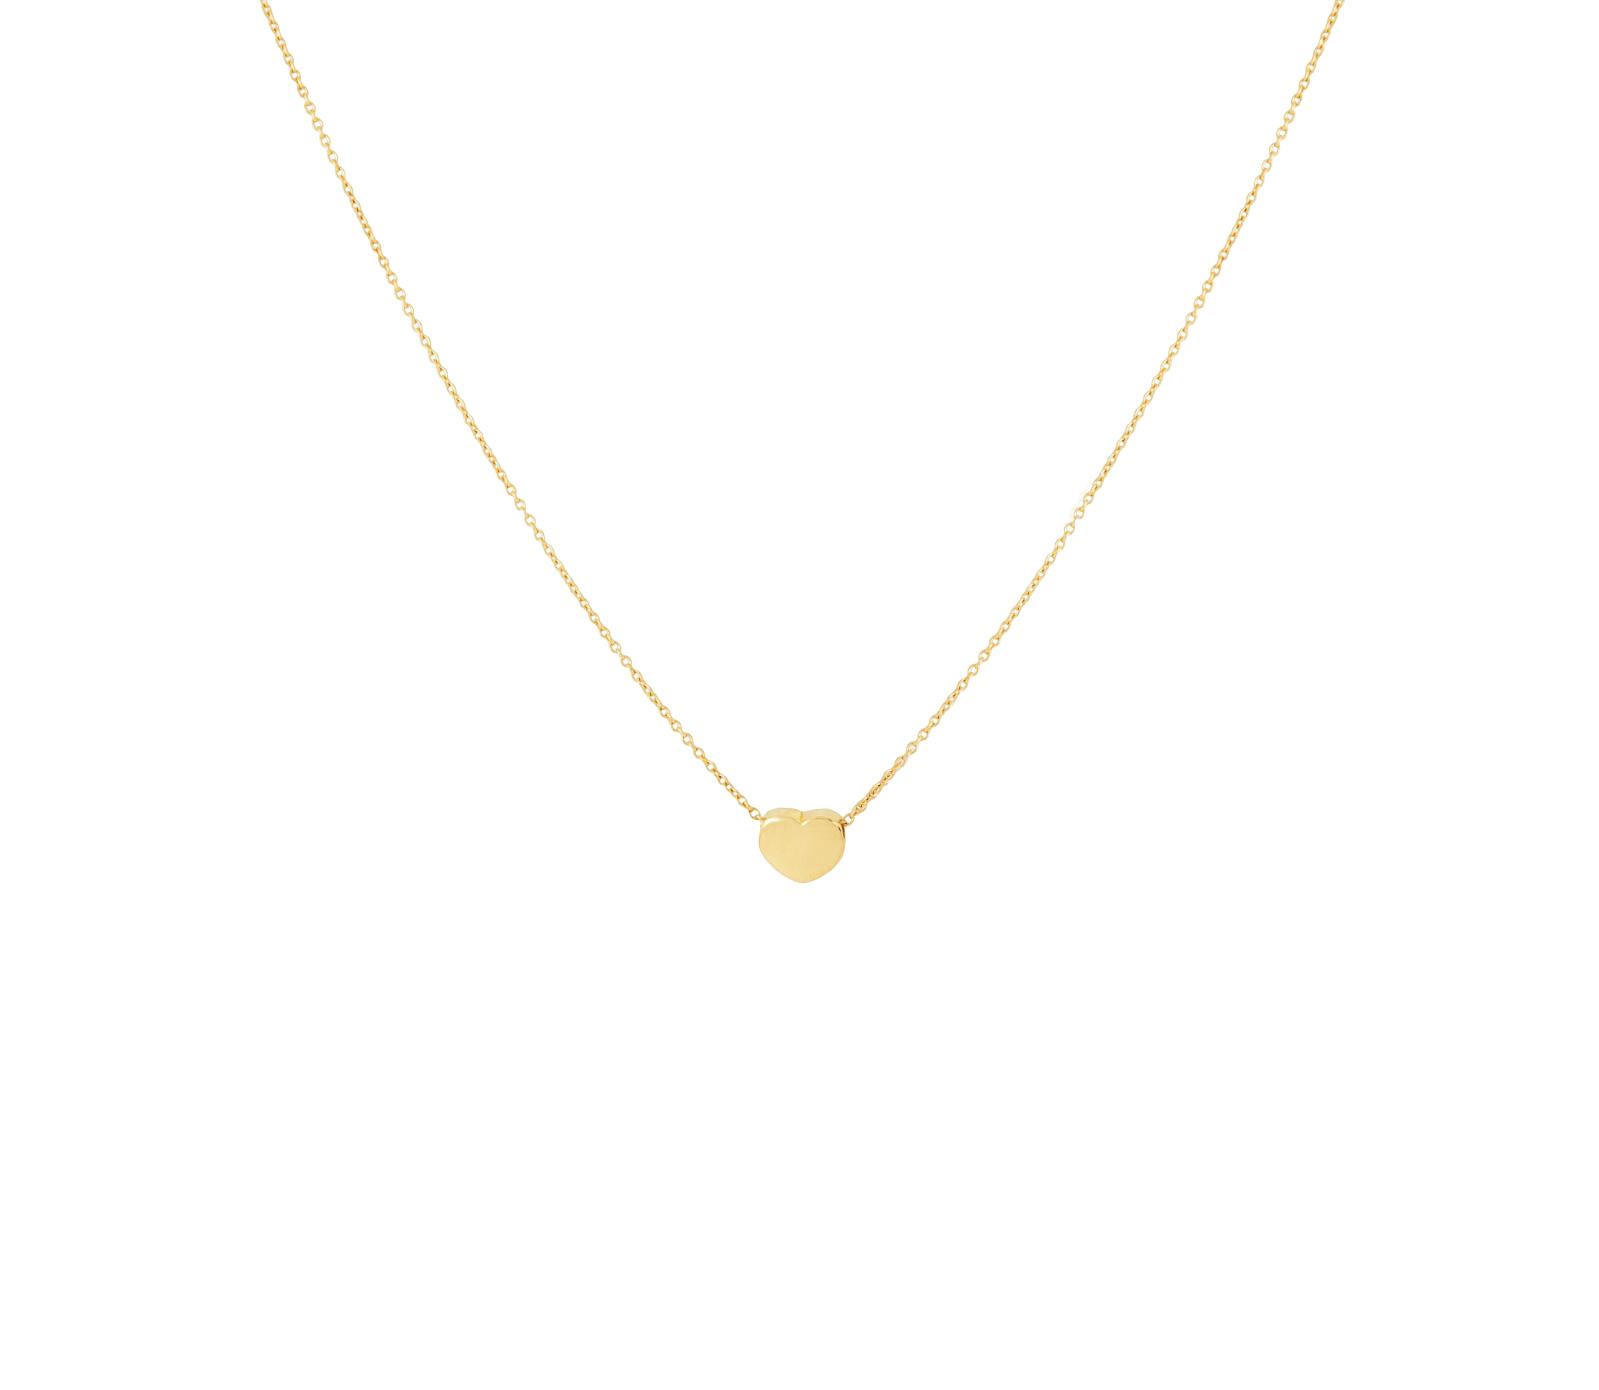 c7e96e4c2dbe Gargantilla Corazón color oro con cadena de 40+5 centímetros